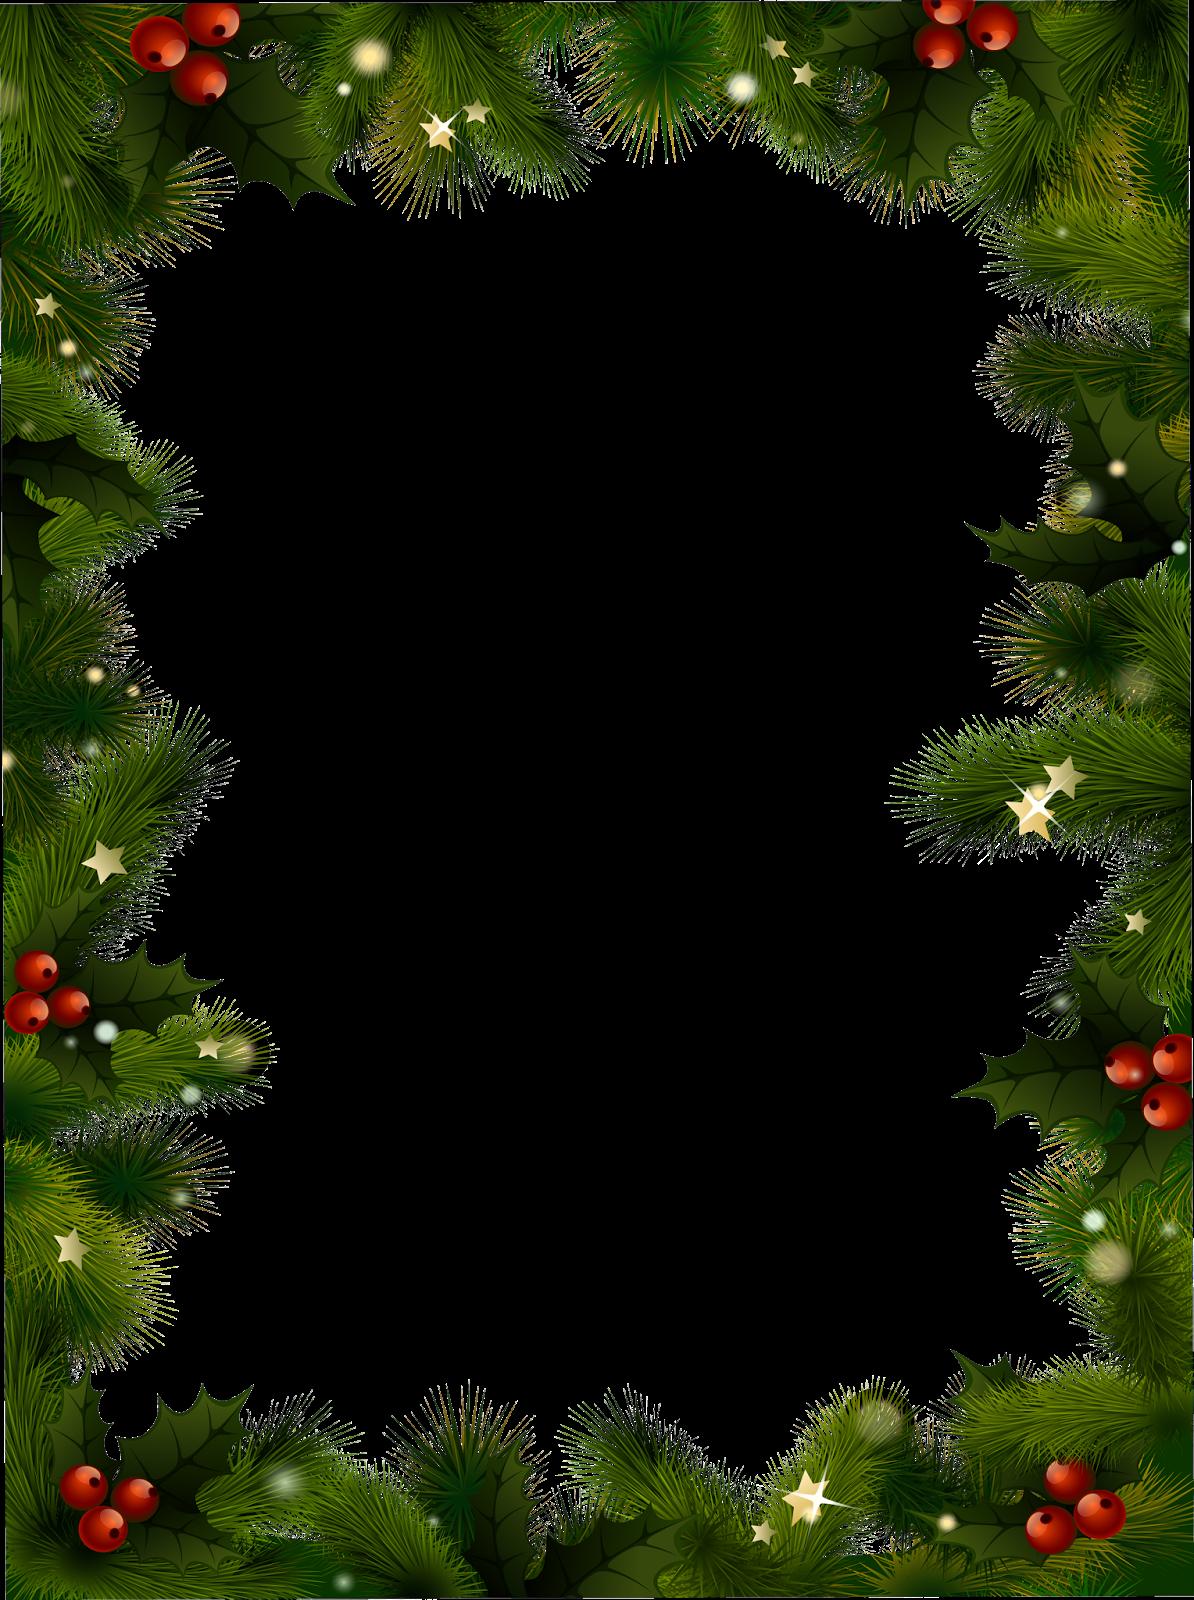 marcos de navidad para editar